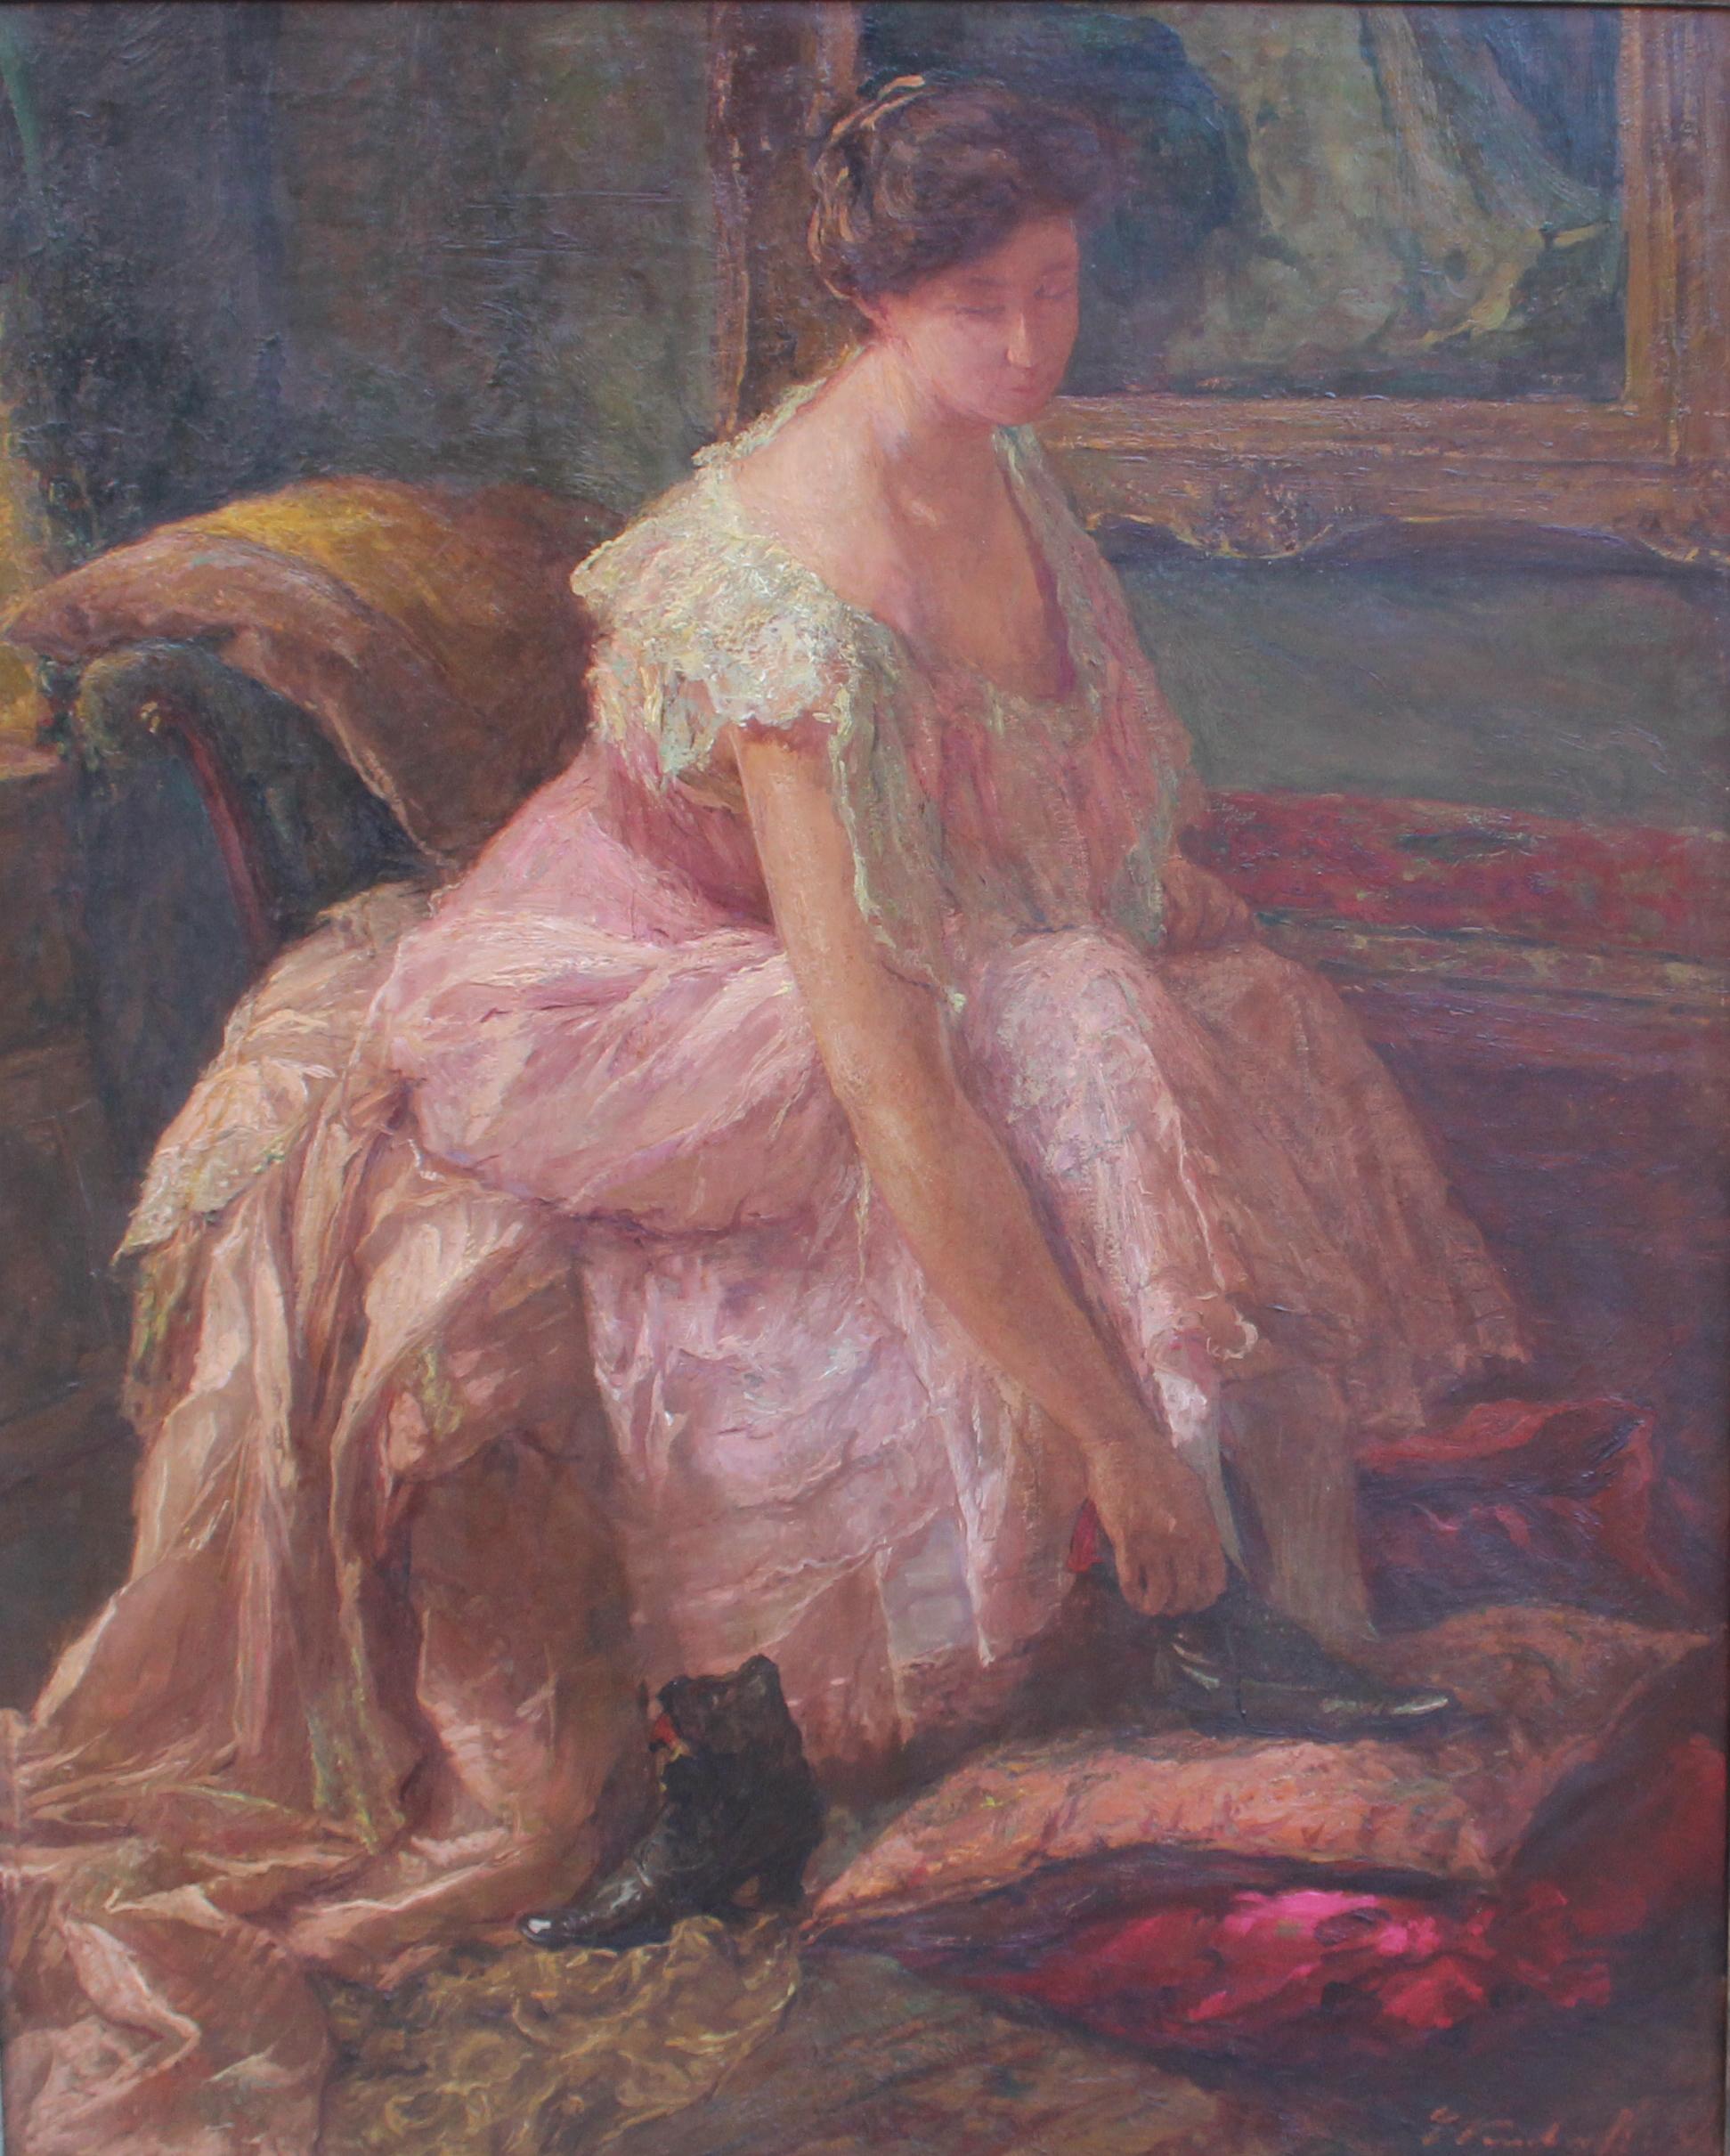 tableau L élégante Verschaffelt Edouard personnage,scène de genre  impressionnisme huile toile 1ère moitié b8cd6708f9e